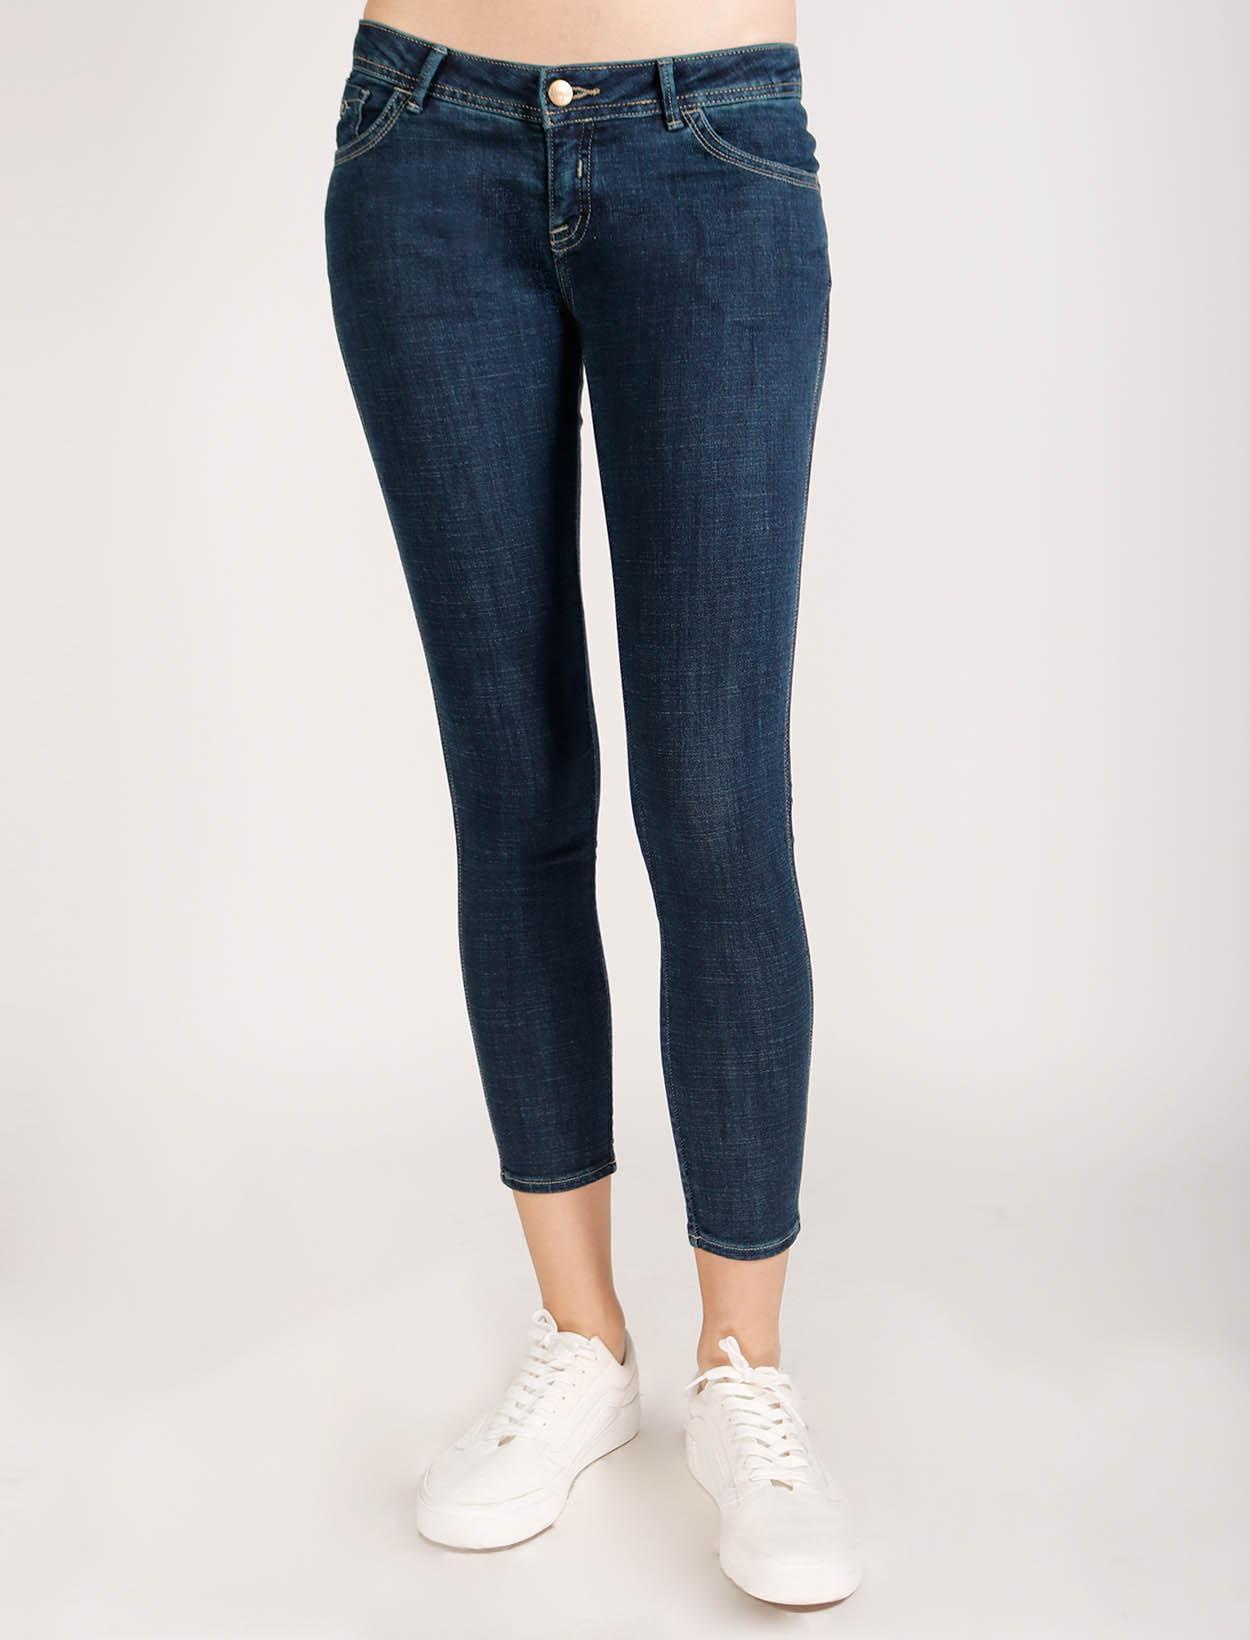 e5406dda Wrangler Jeans for Women Philippines - Wrangler Fashion Jeans for ...